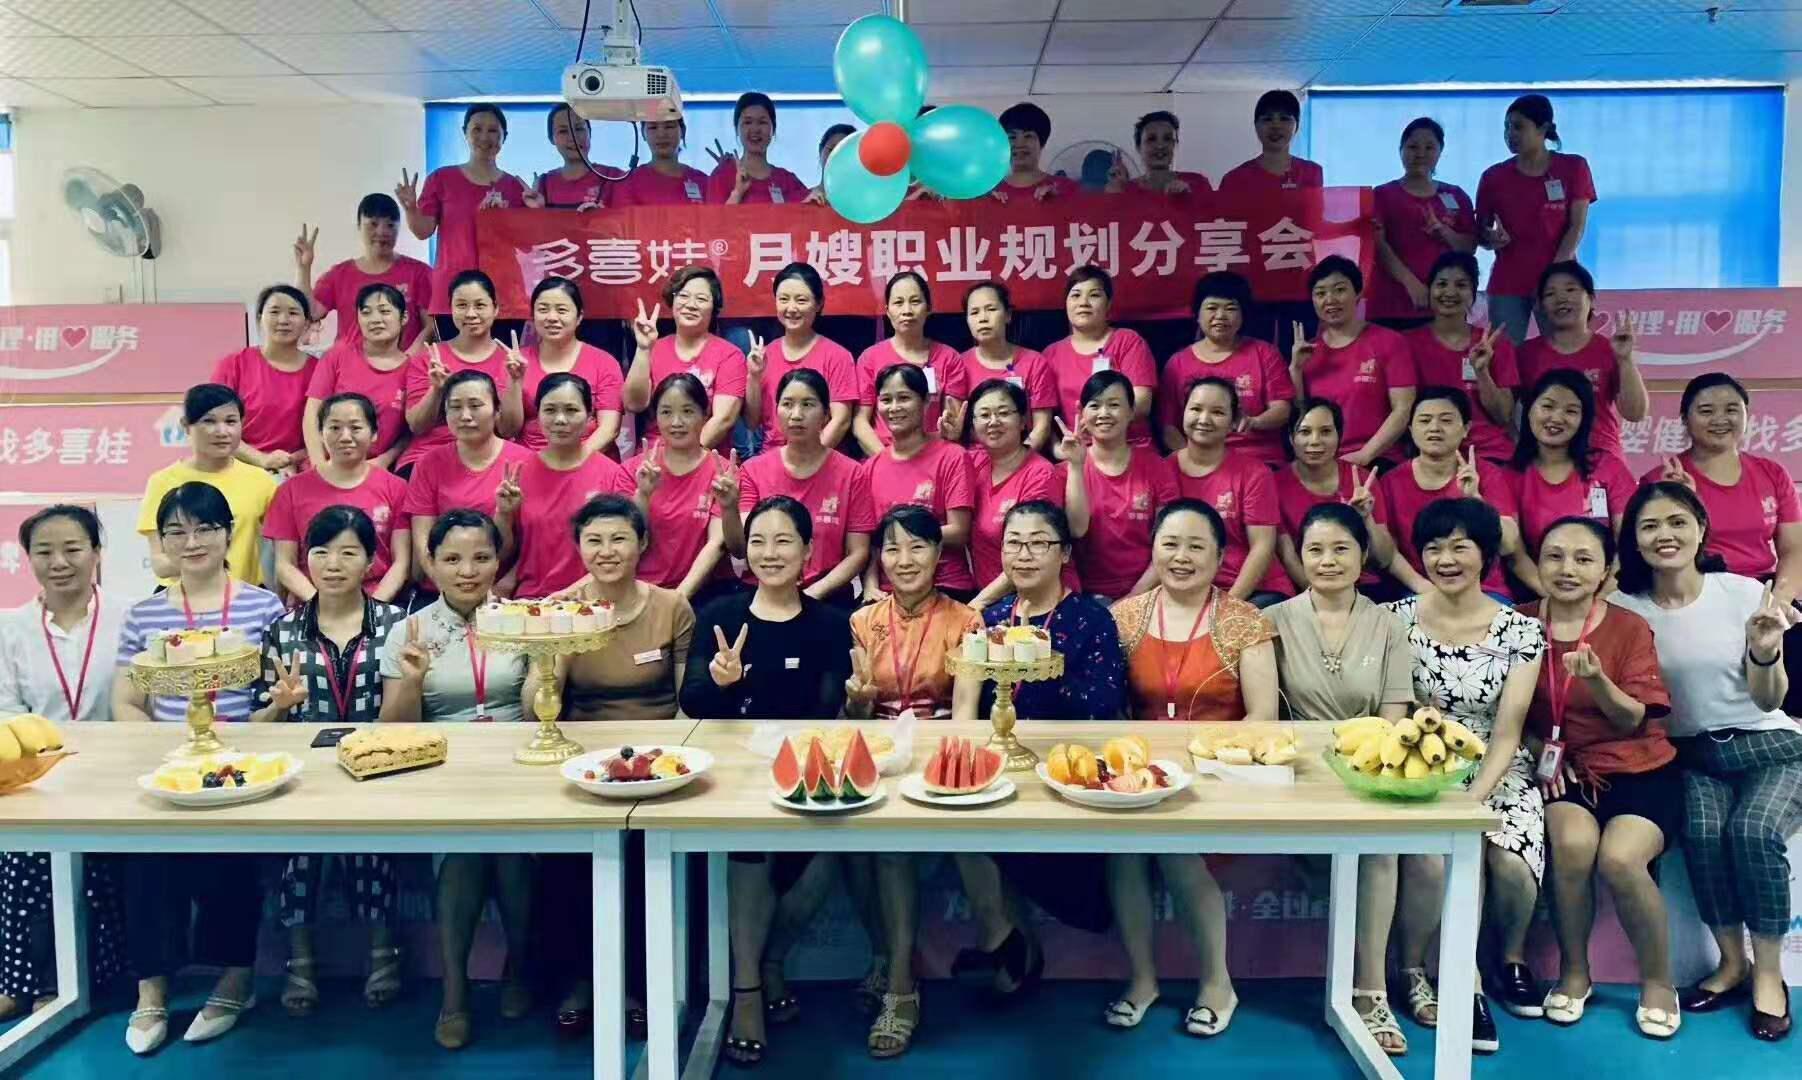 深圳月嫂月子餐培训包就业上岗,成就高薪梦想